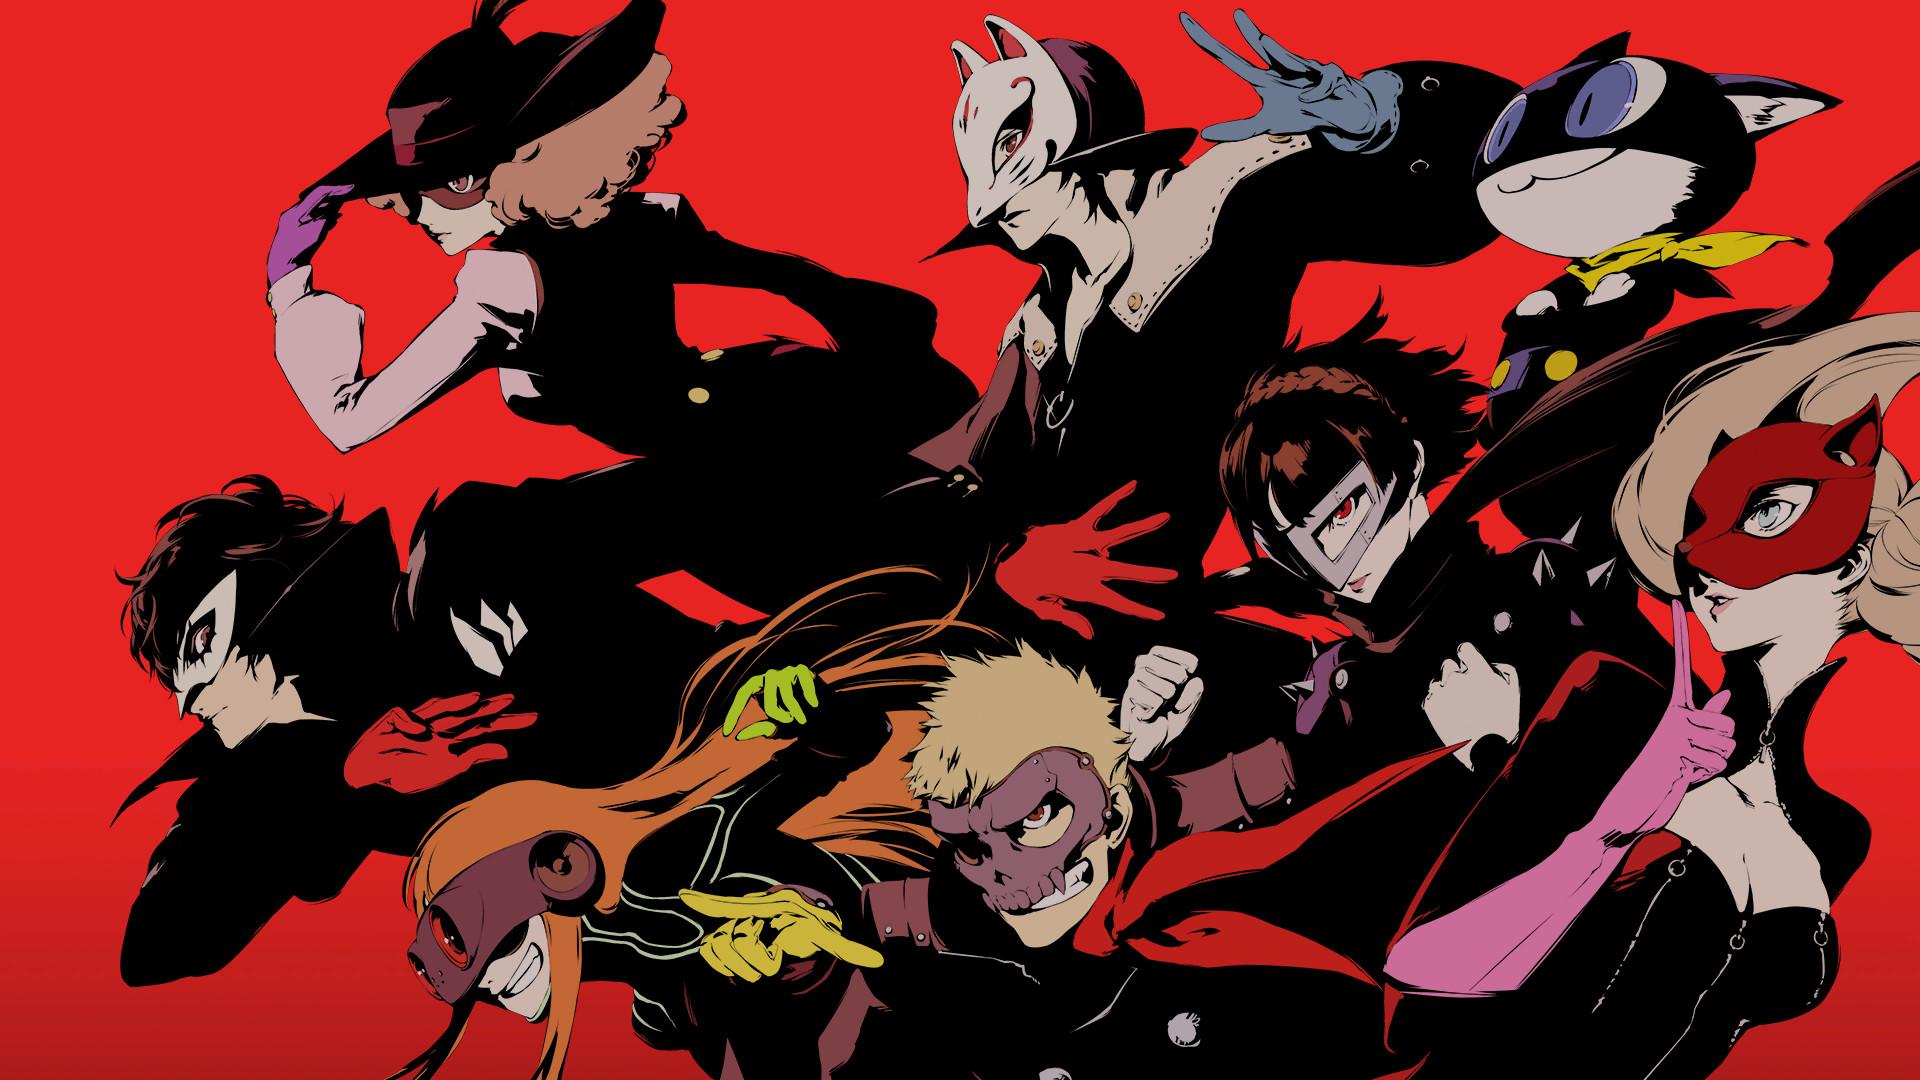 Anime Persona series Persona 5